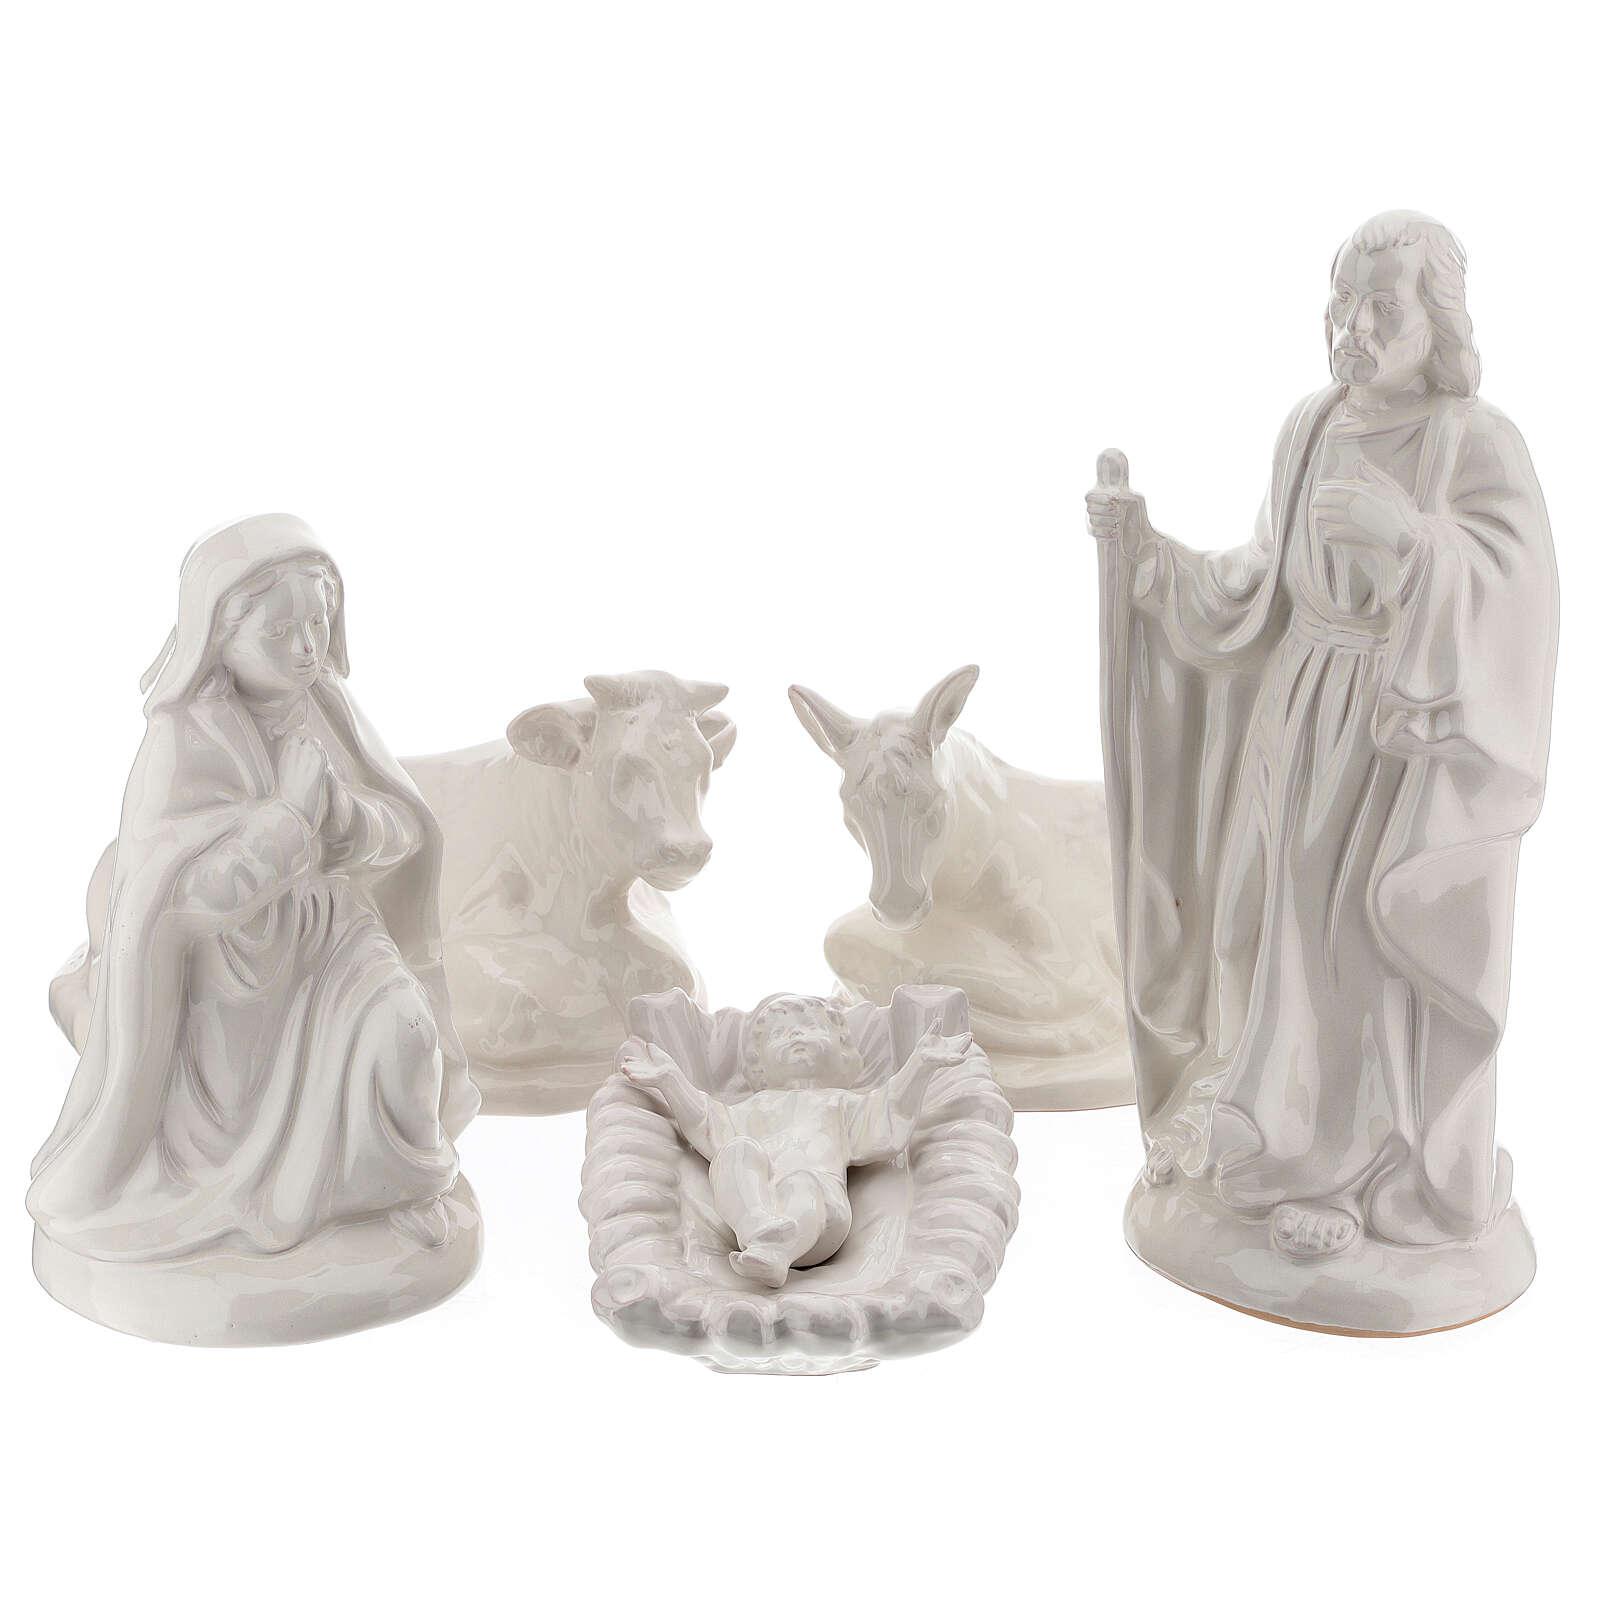 Presepe Natività 40 cm terracotta bianca Deruta 5 pz 4